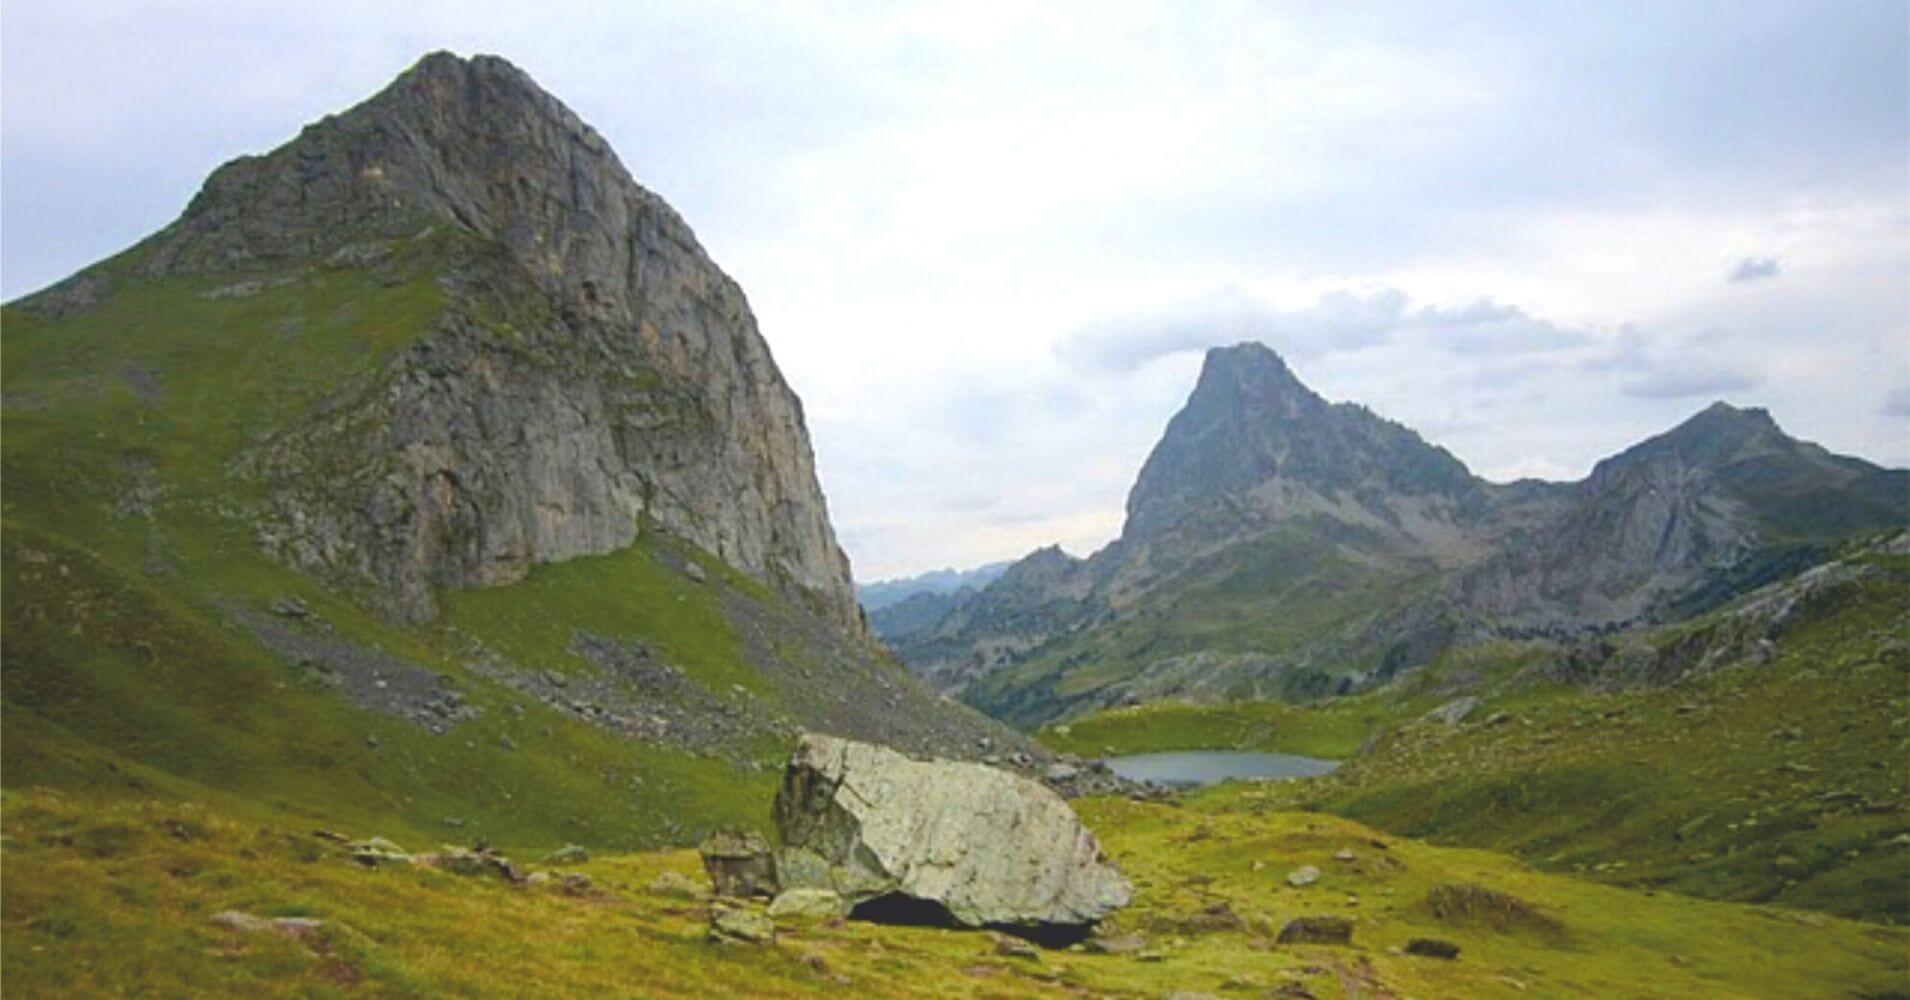 Col de Moines. Pico Midi d' Ossau. Parque Nacional Pirineos. Etsaut. Nueva Aquitania. Francia.